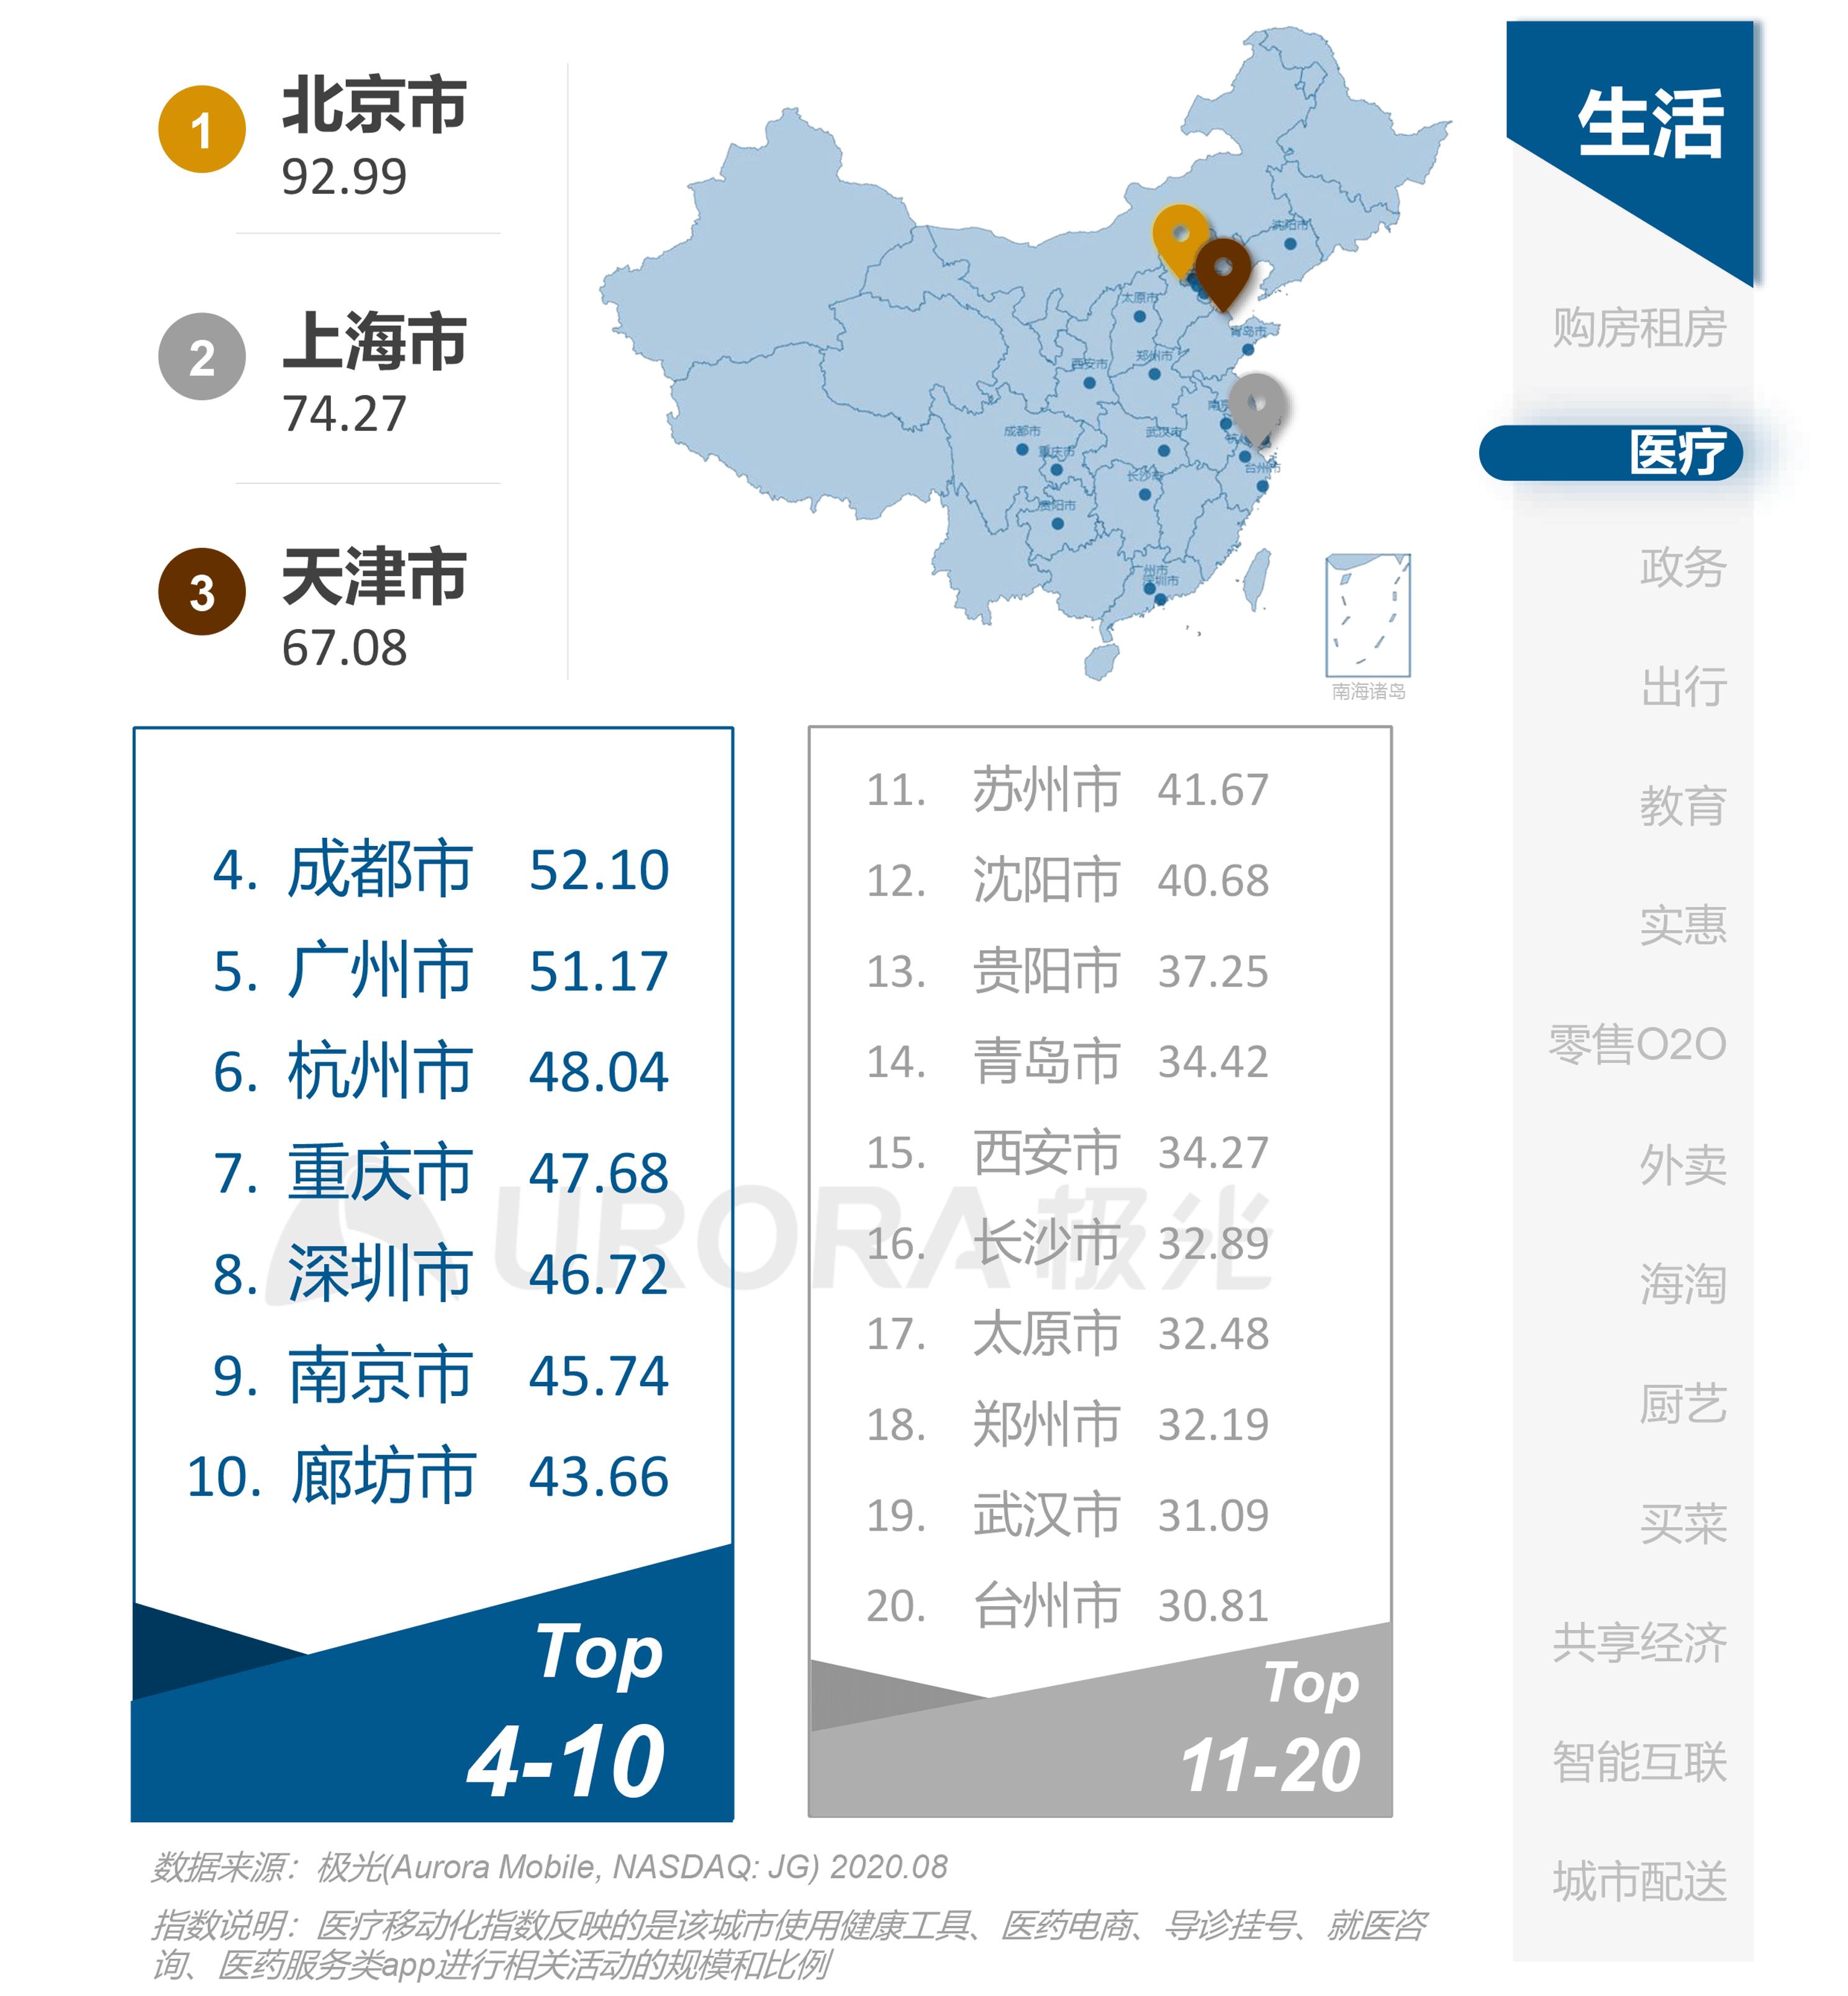 极光:互联网城市榜单 (5).png